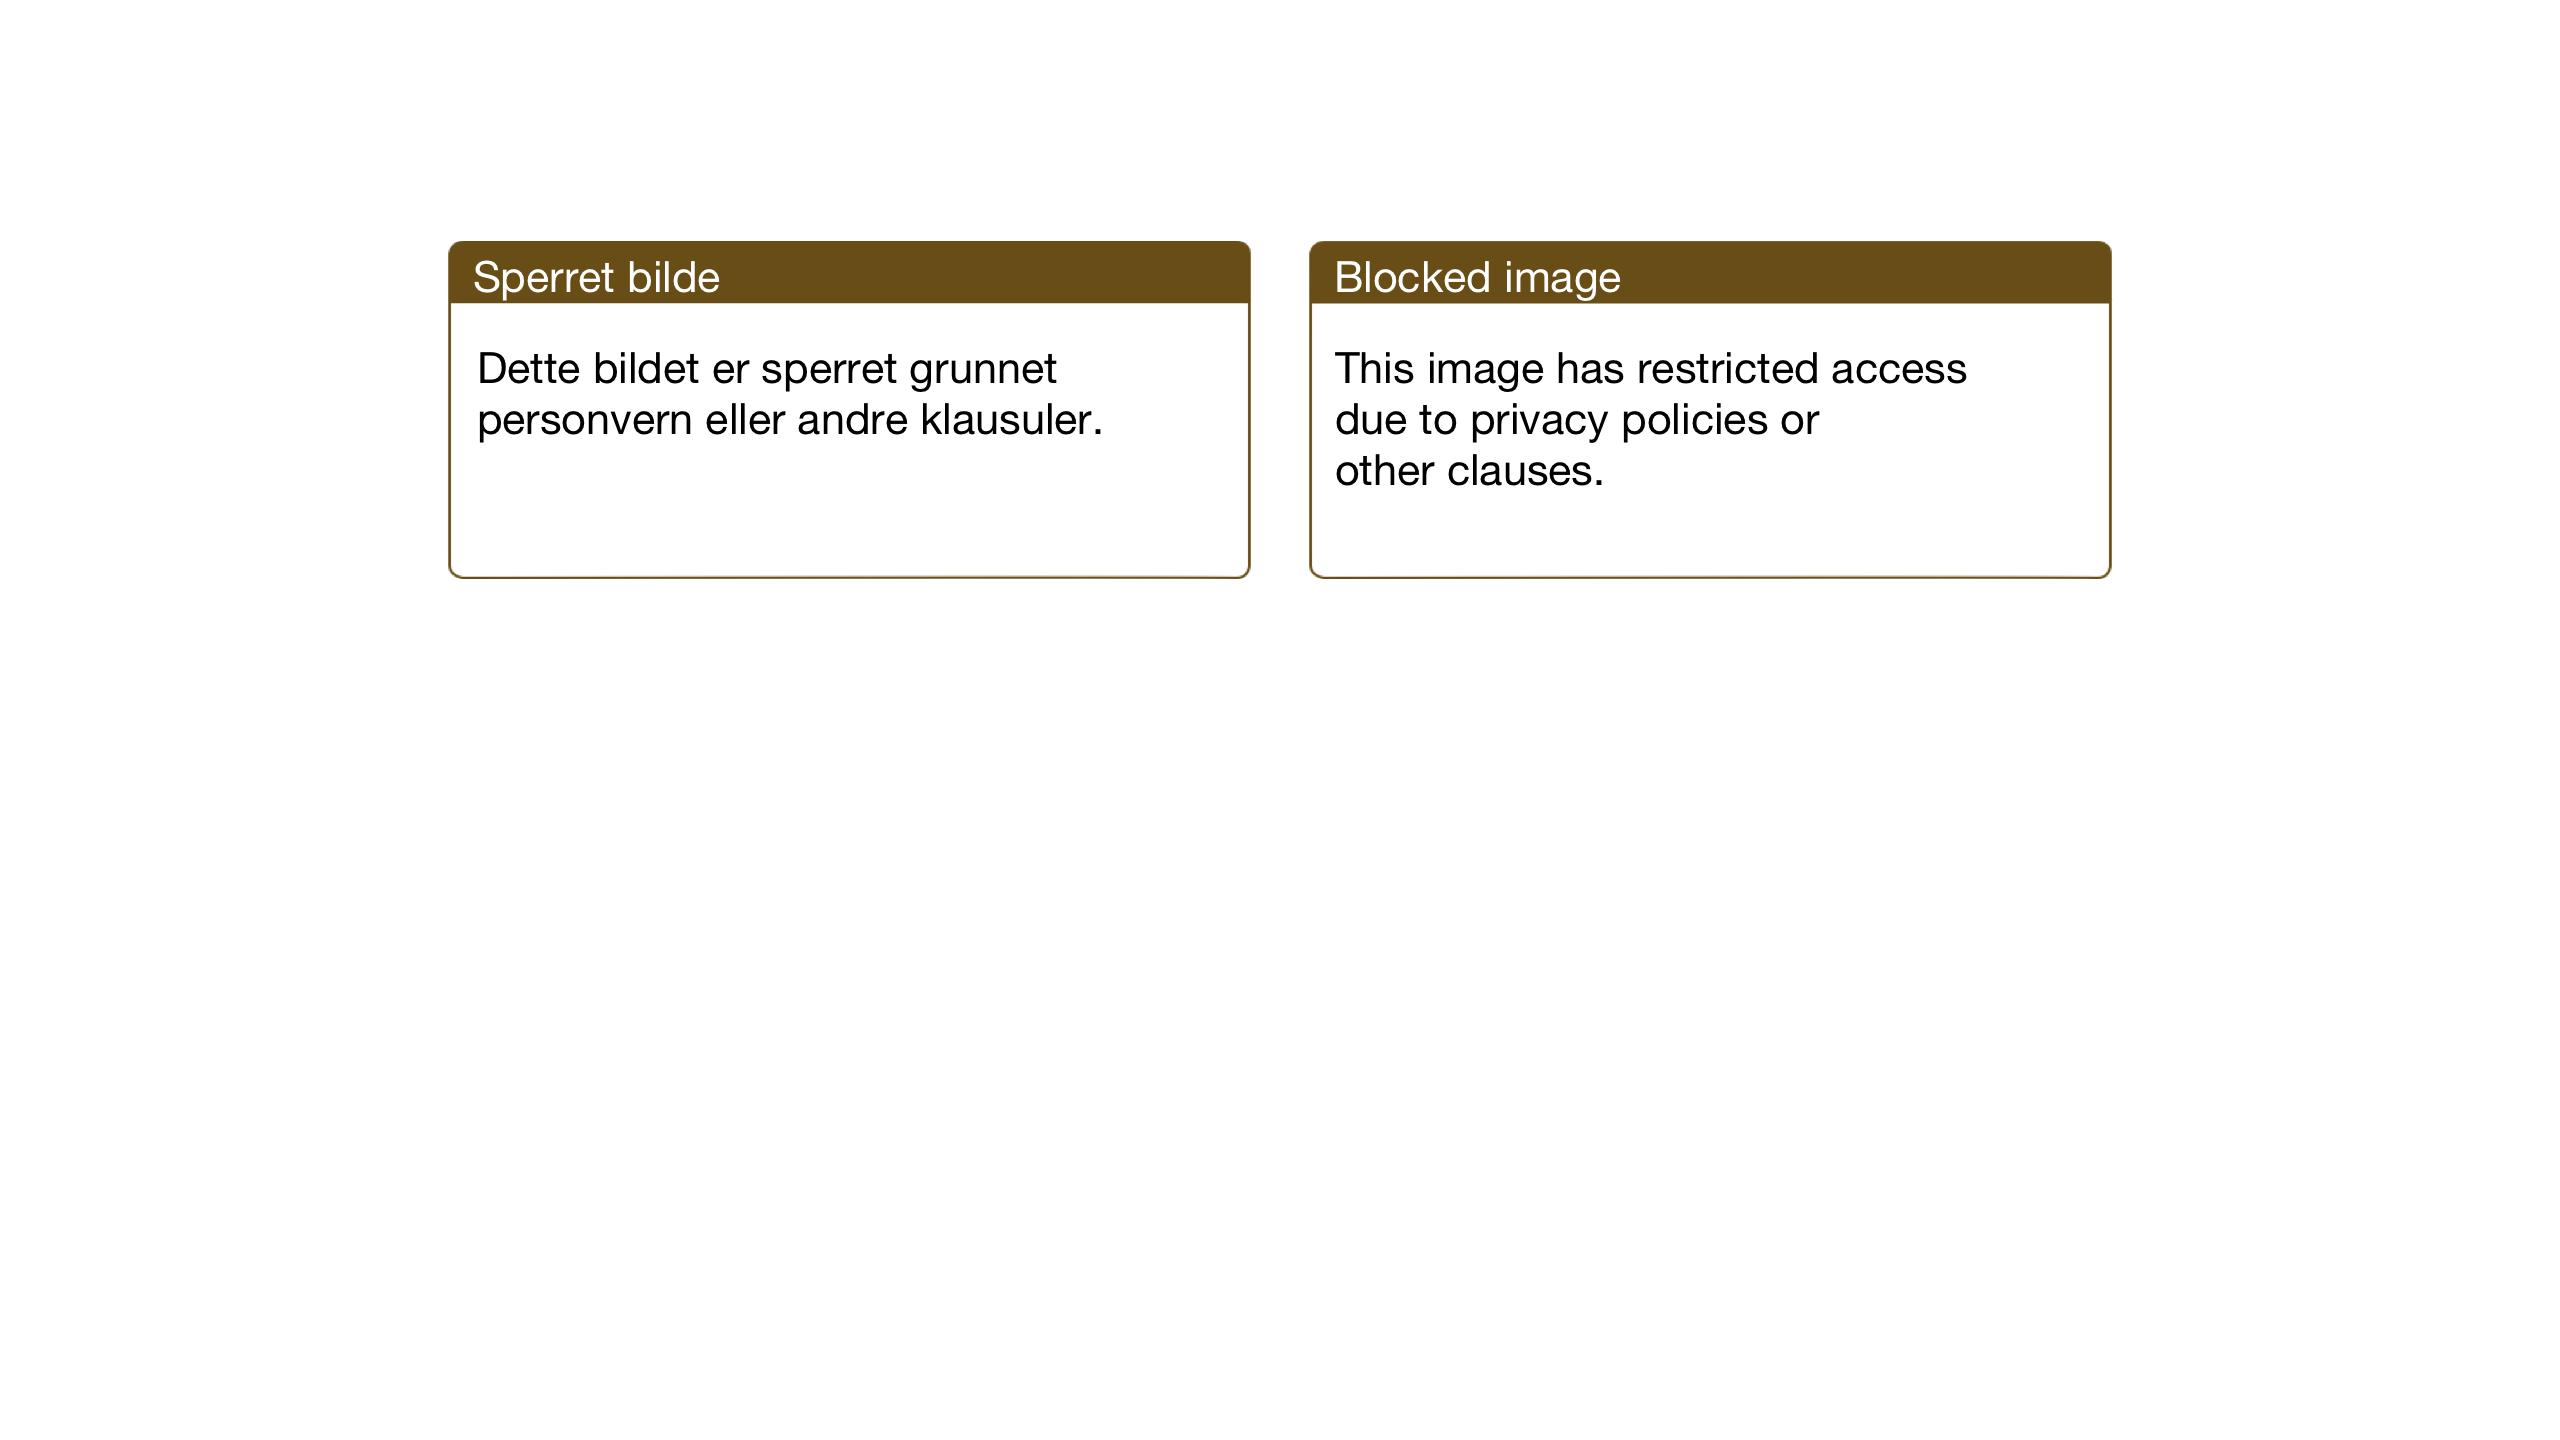 SAT, Ministerialprotokoller, klokkerbøker og fødselsregistre - Sør-Trøndelag, 604/L0227: Klokkerbok nr. 604C10, 1923-1942, s. 108